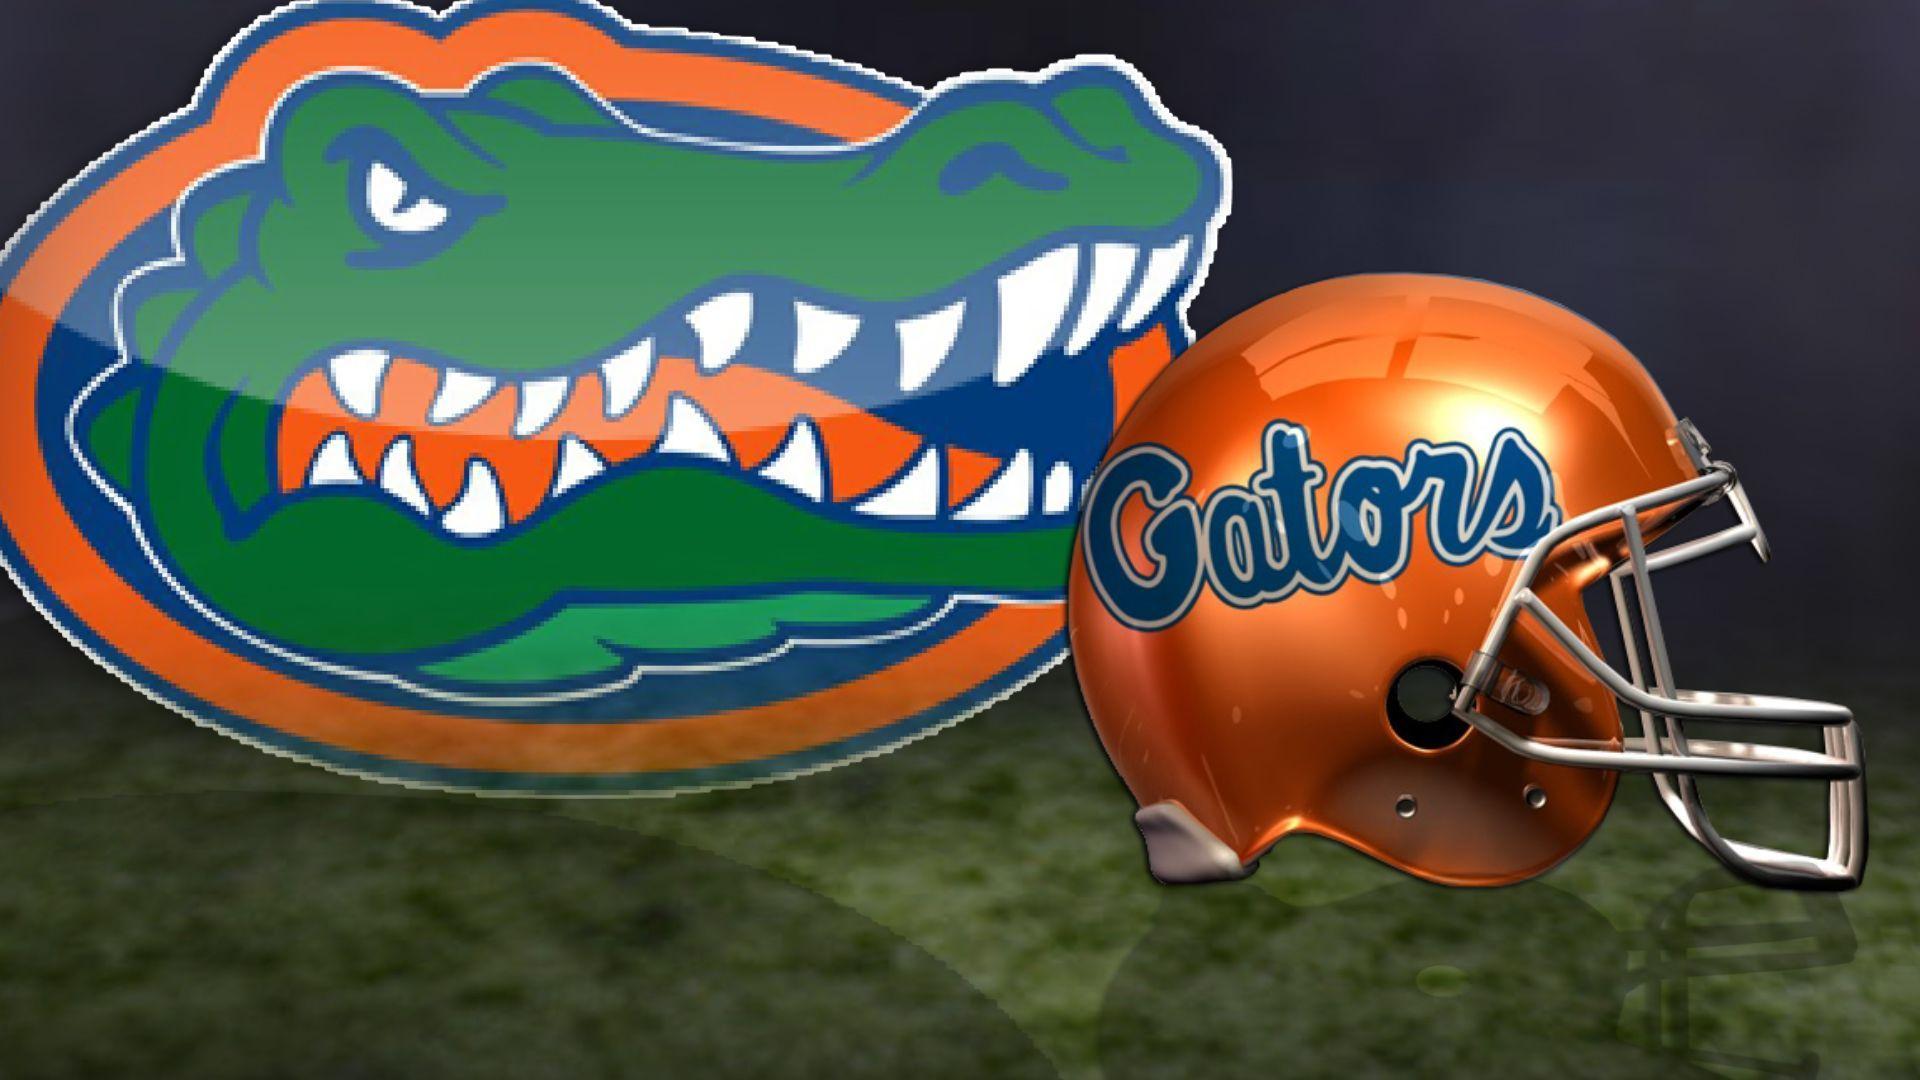 Florida gators football wallpapers wallpaper cave for Sec football wallpaper